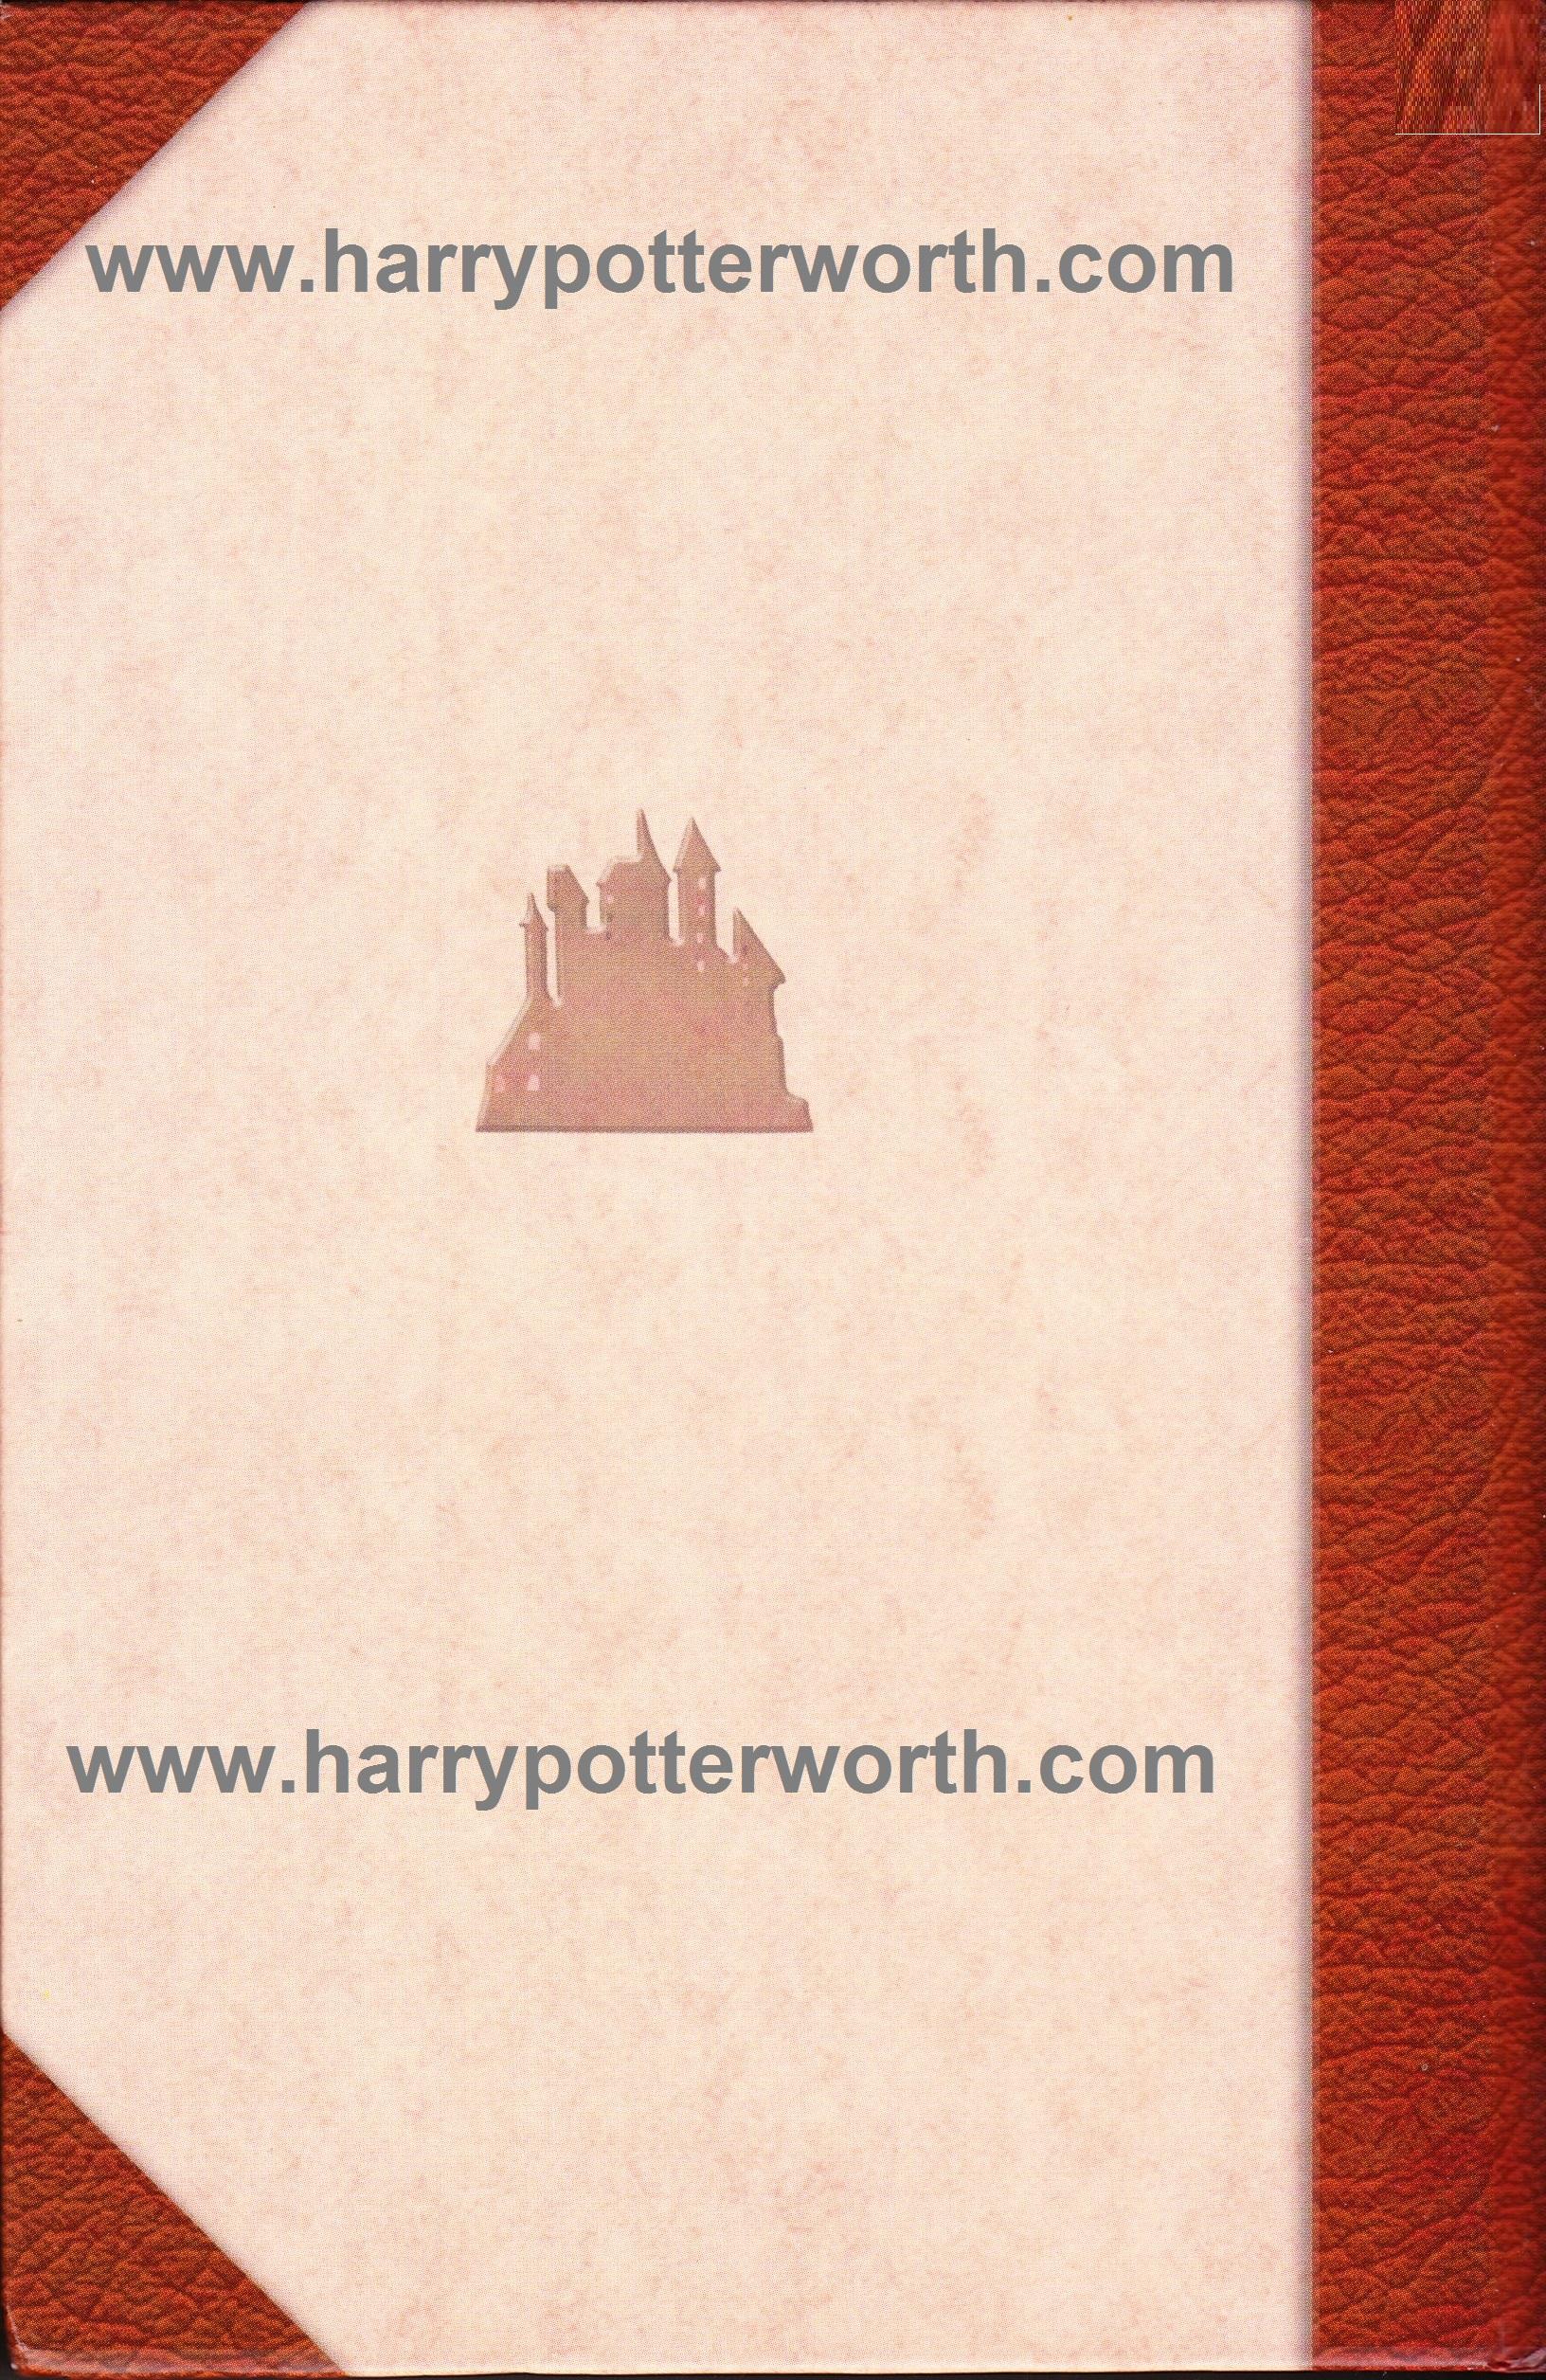 Harry Potter e il Prigioniero di Azkaban Edizione Motto Hogwarts 2007 - Retro